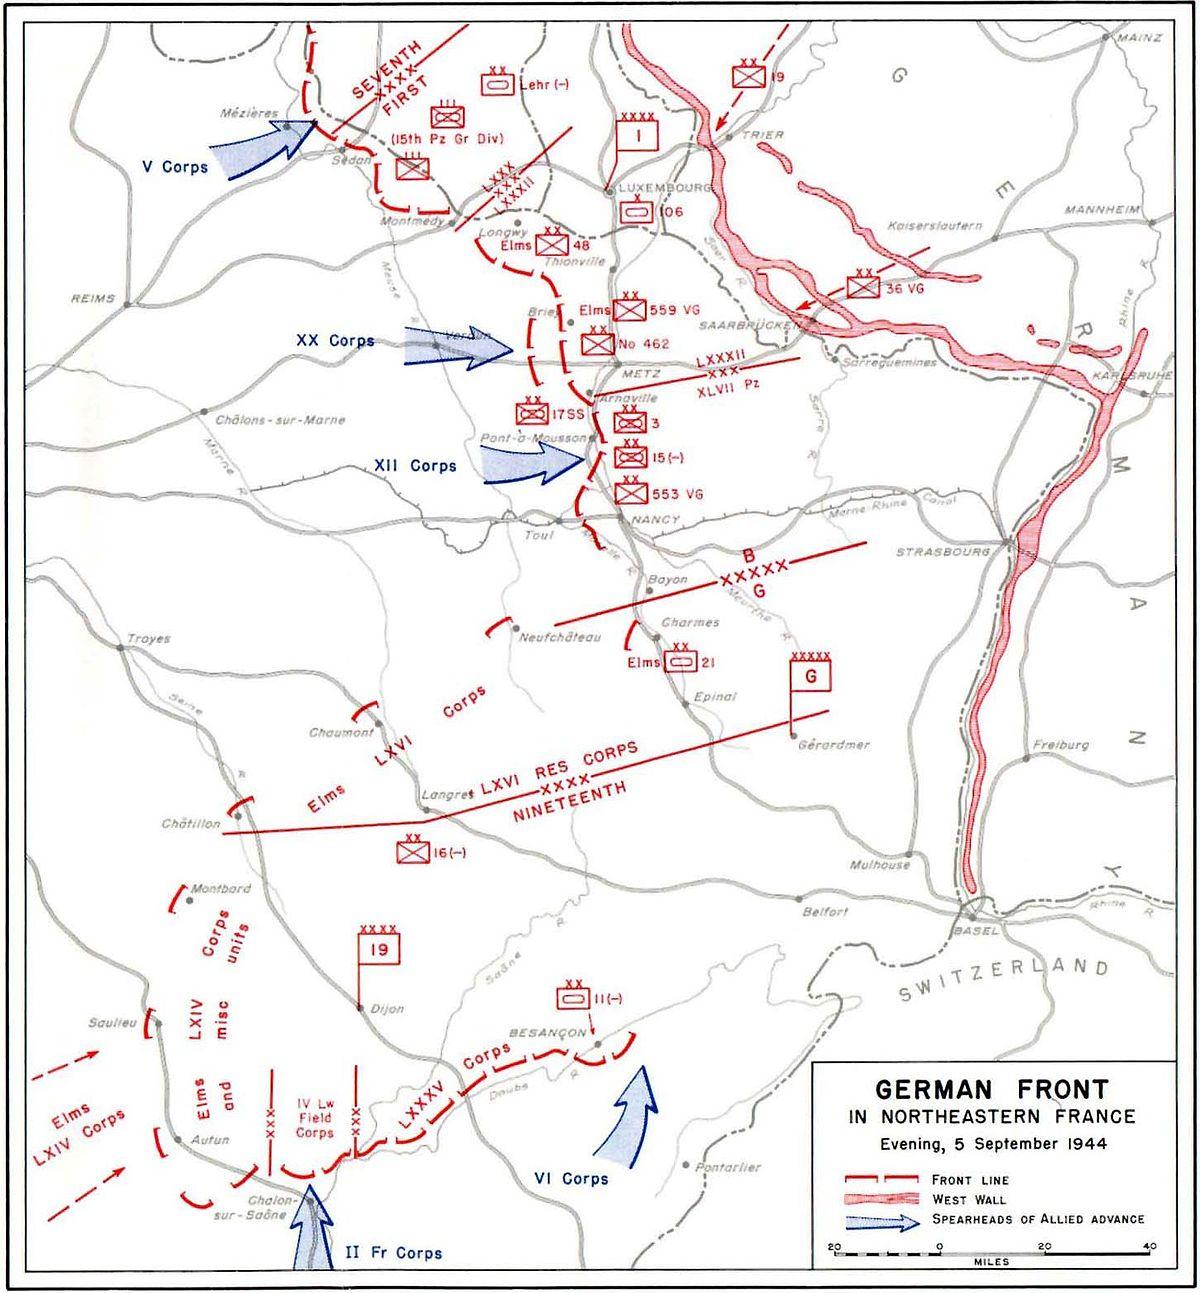 German Front in Northeastern France - 5 Sep 1944.jpg